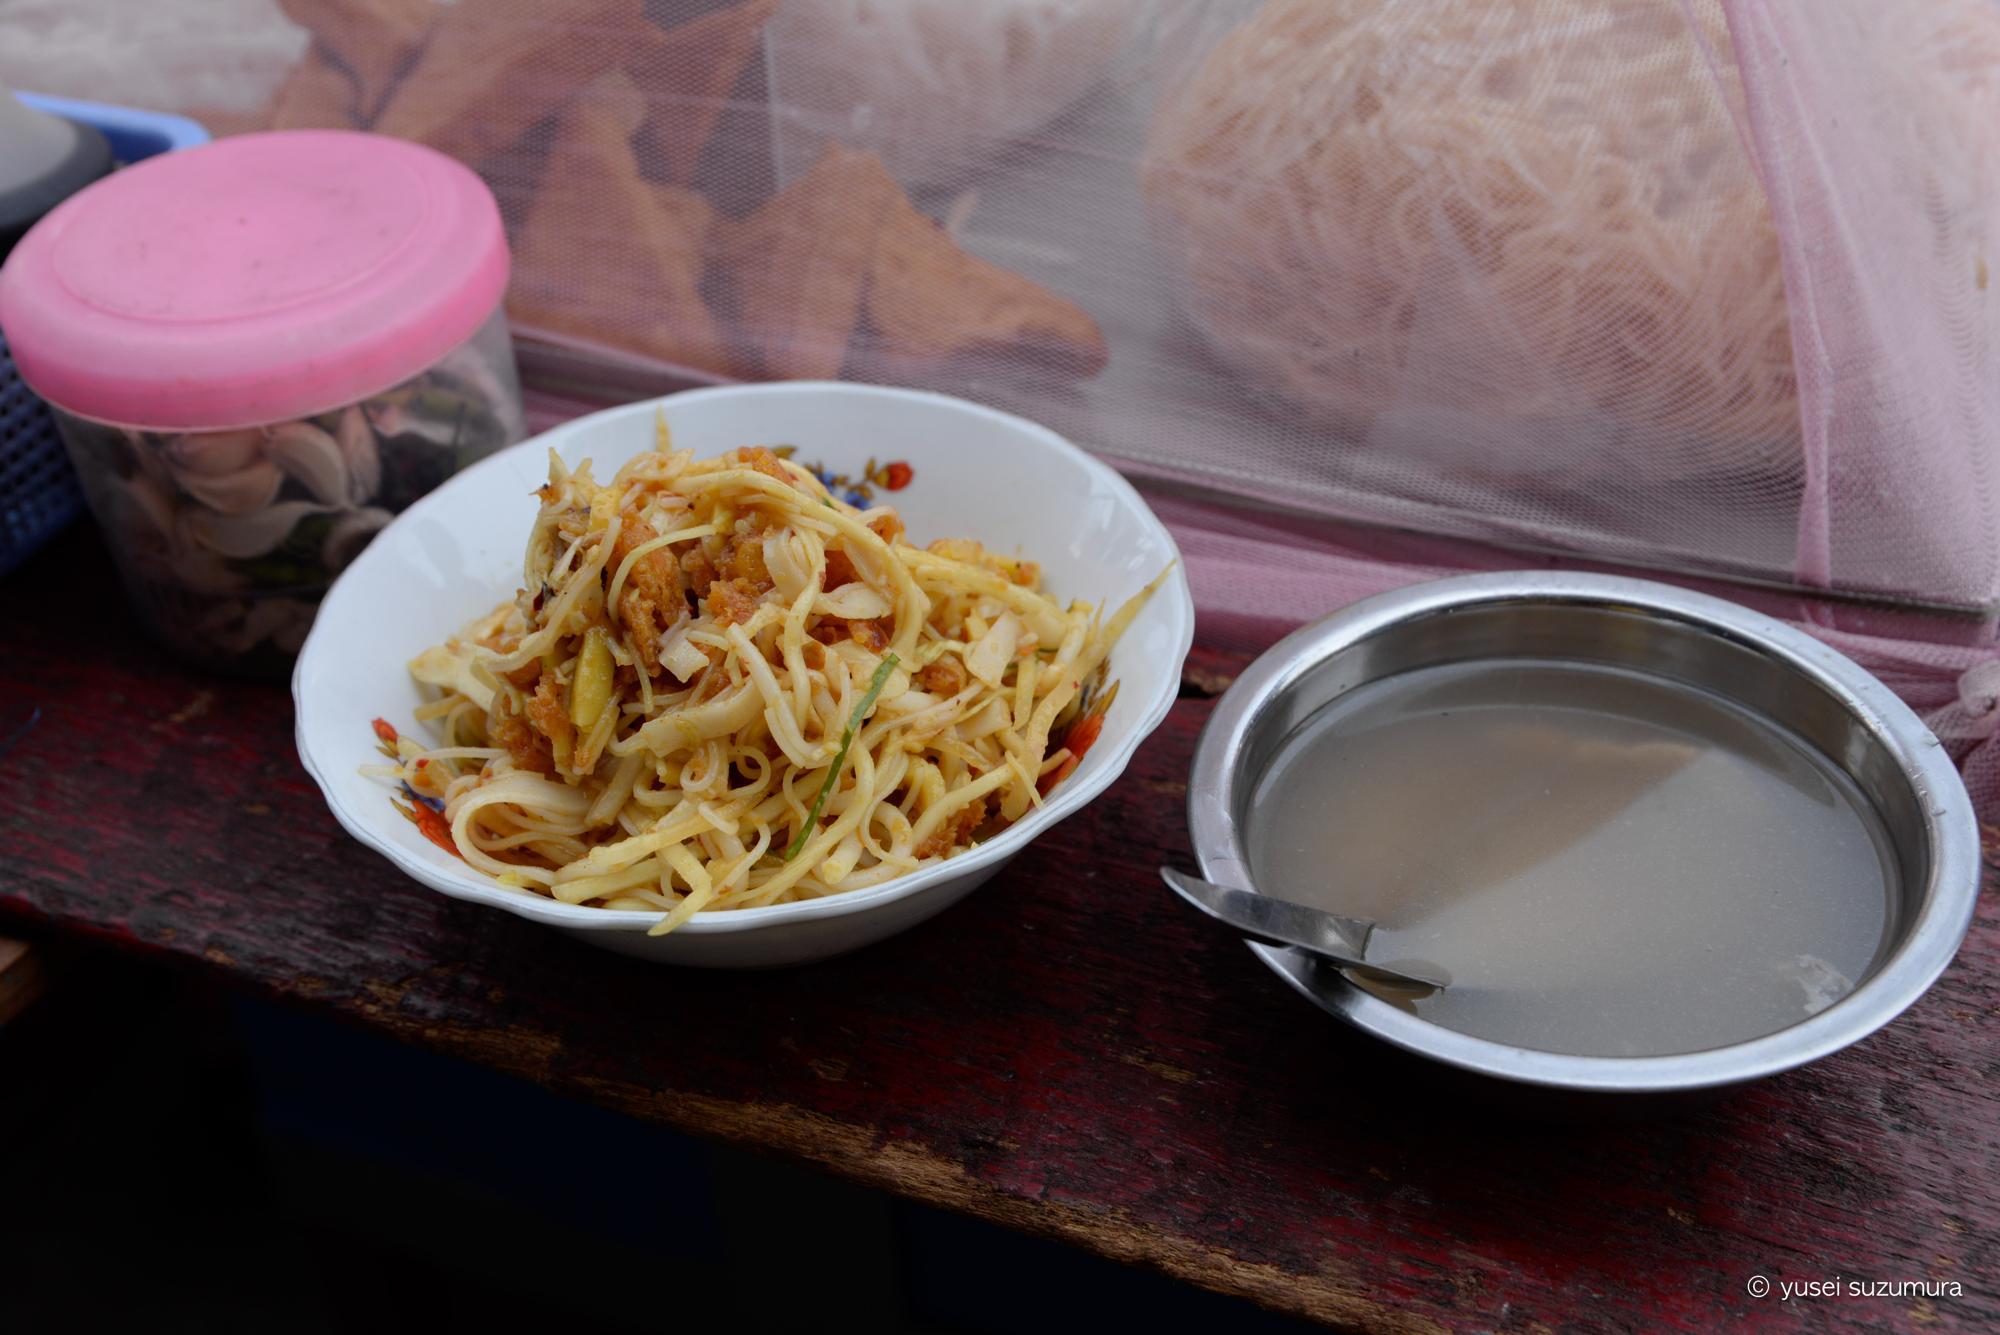 ヤンゴン 屋台 麺 ミーシャイ